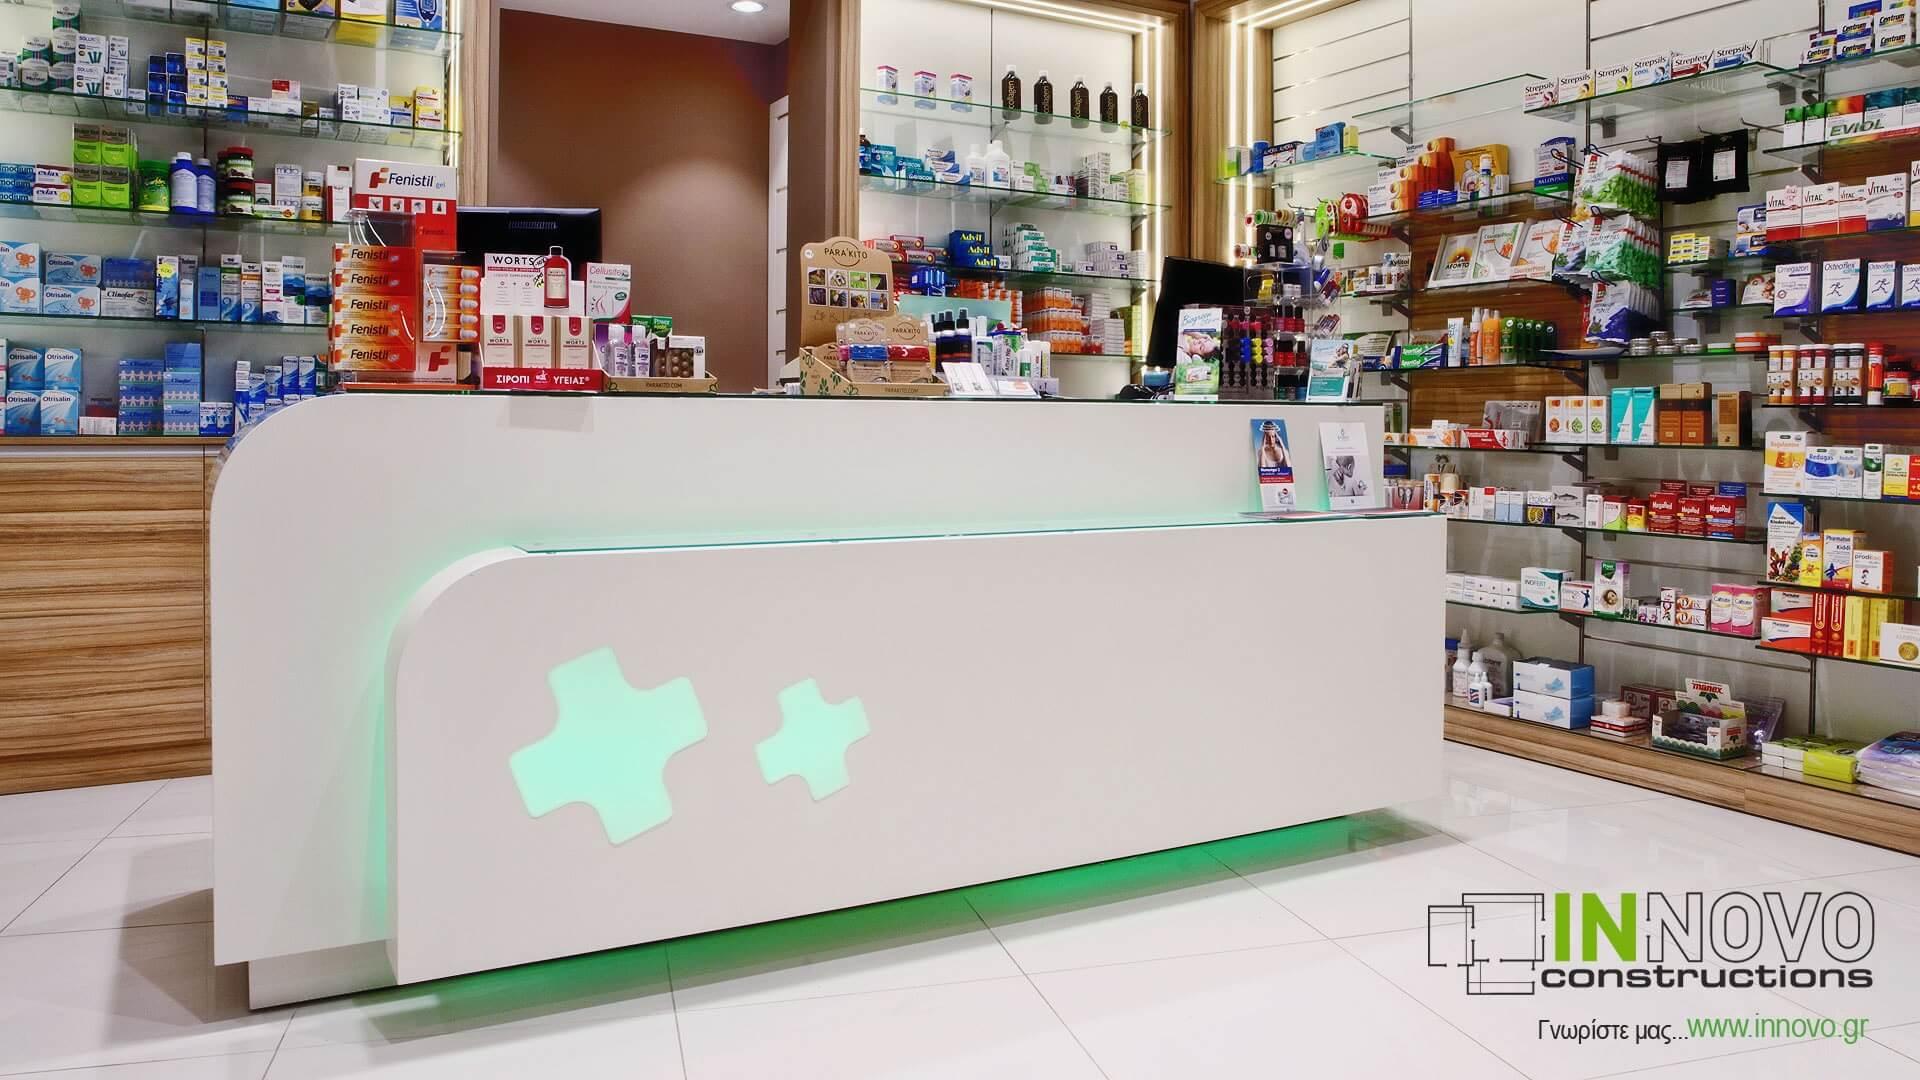 Πάγκος Ταμείου R-Dido, Φαρμακείο Ίλιον